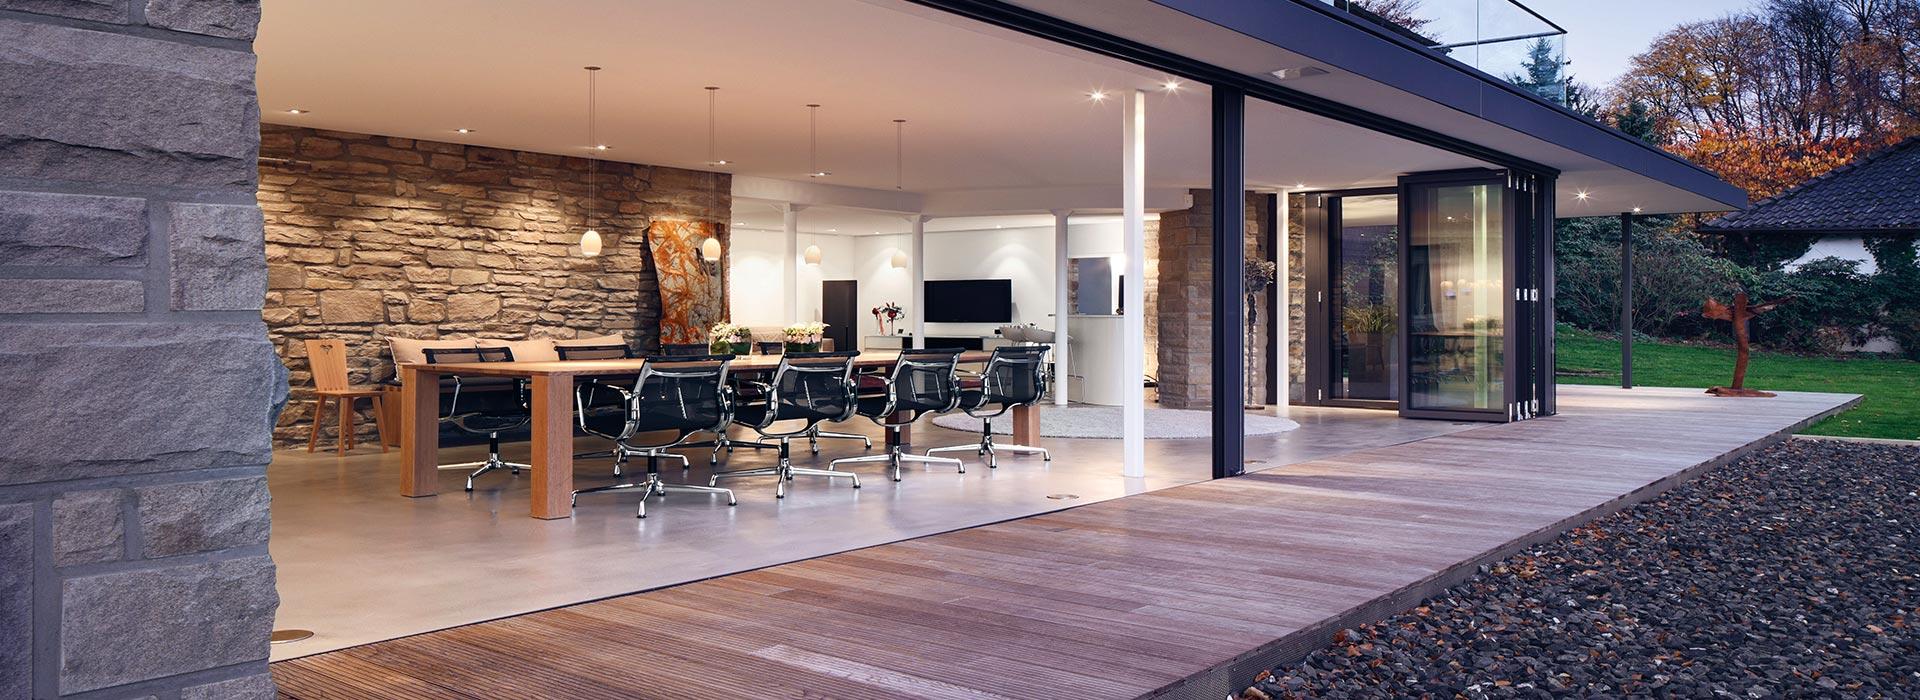 faltw nde faltanlagen glasfaltt ren glashaus rehm wintergarten glashaus light. Black Bedroom Furniture Sets. Home Design Ideas